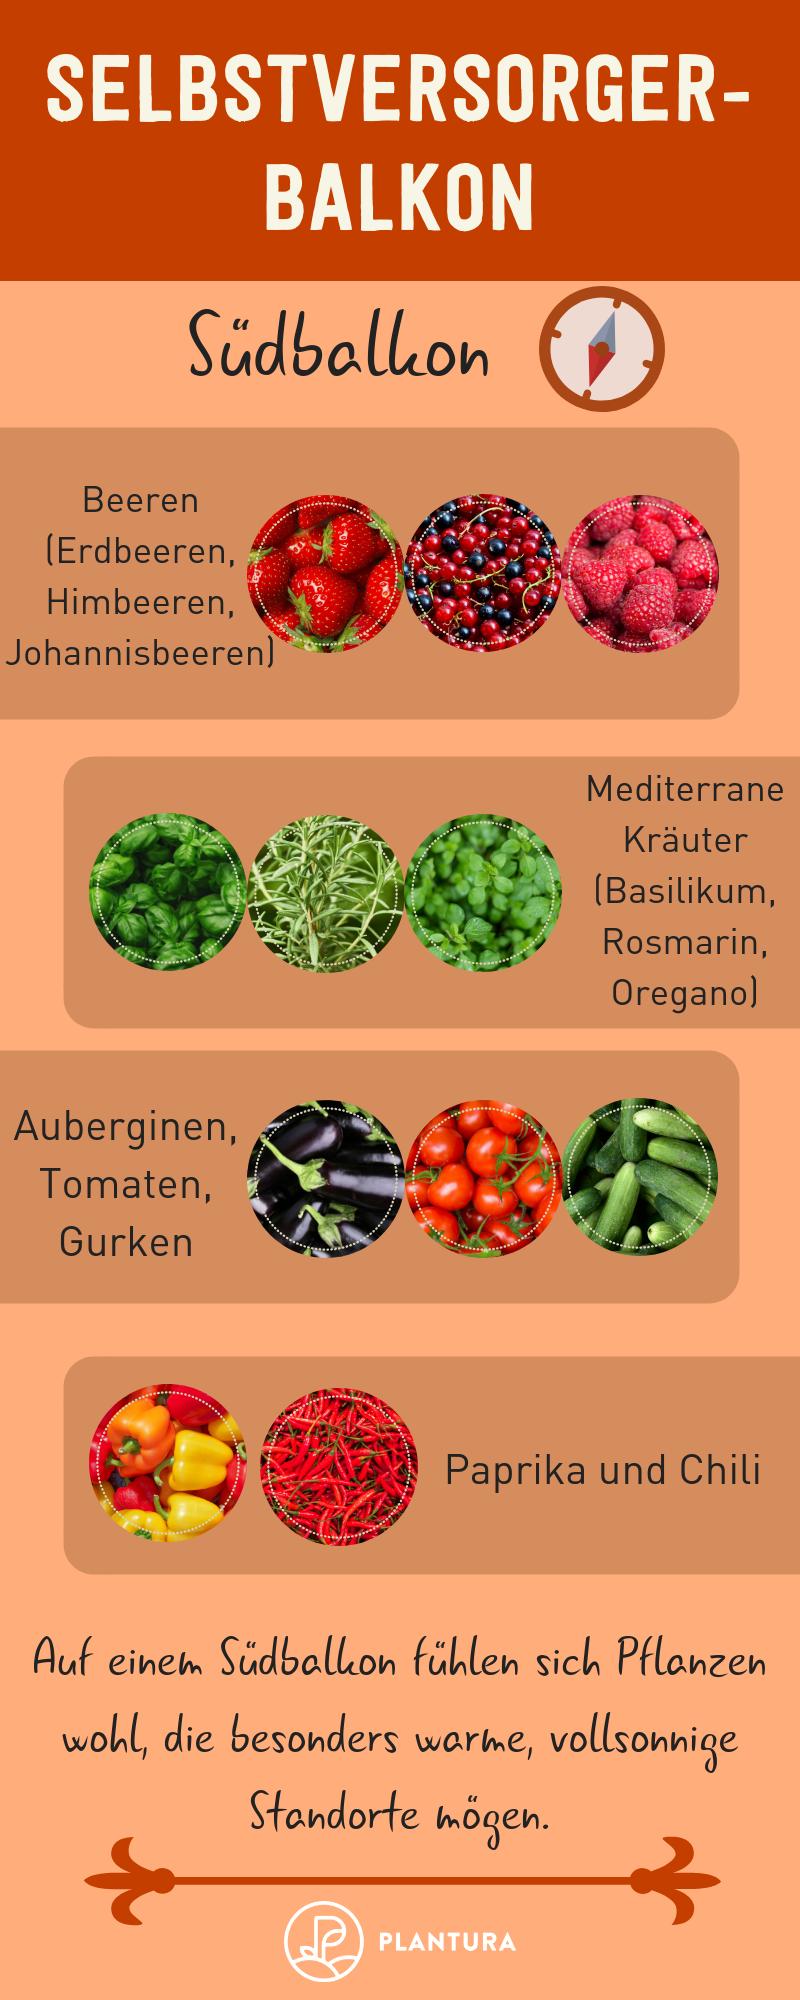 Selbstversorger-Balkon: Welche Pflanze für welchen Balkon? - Plantura